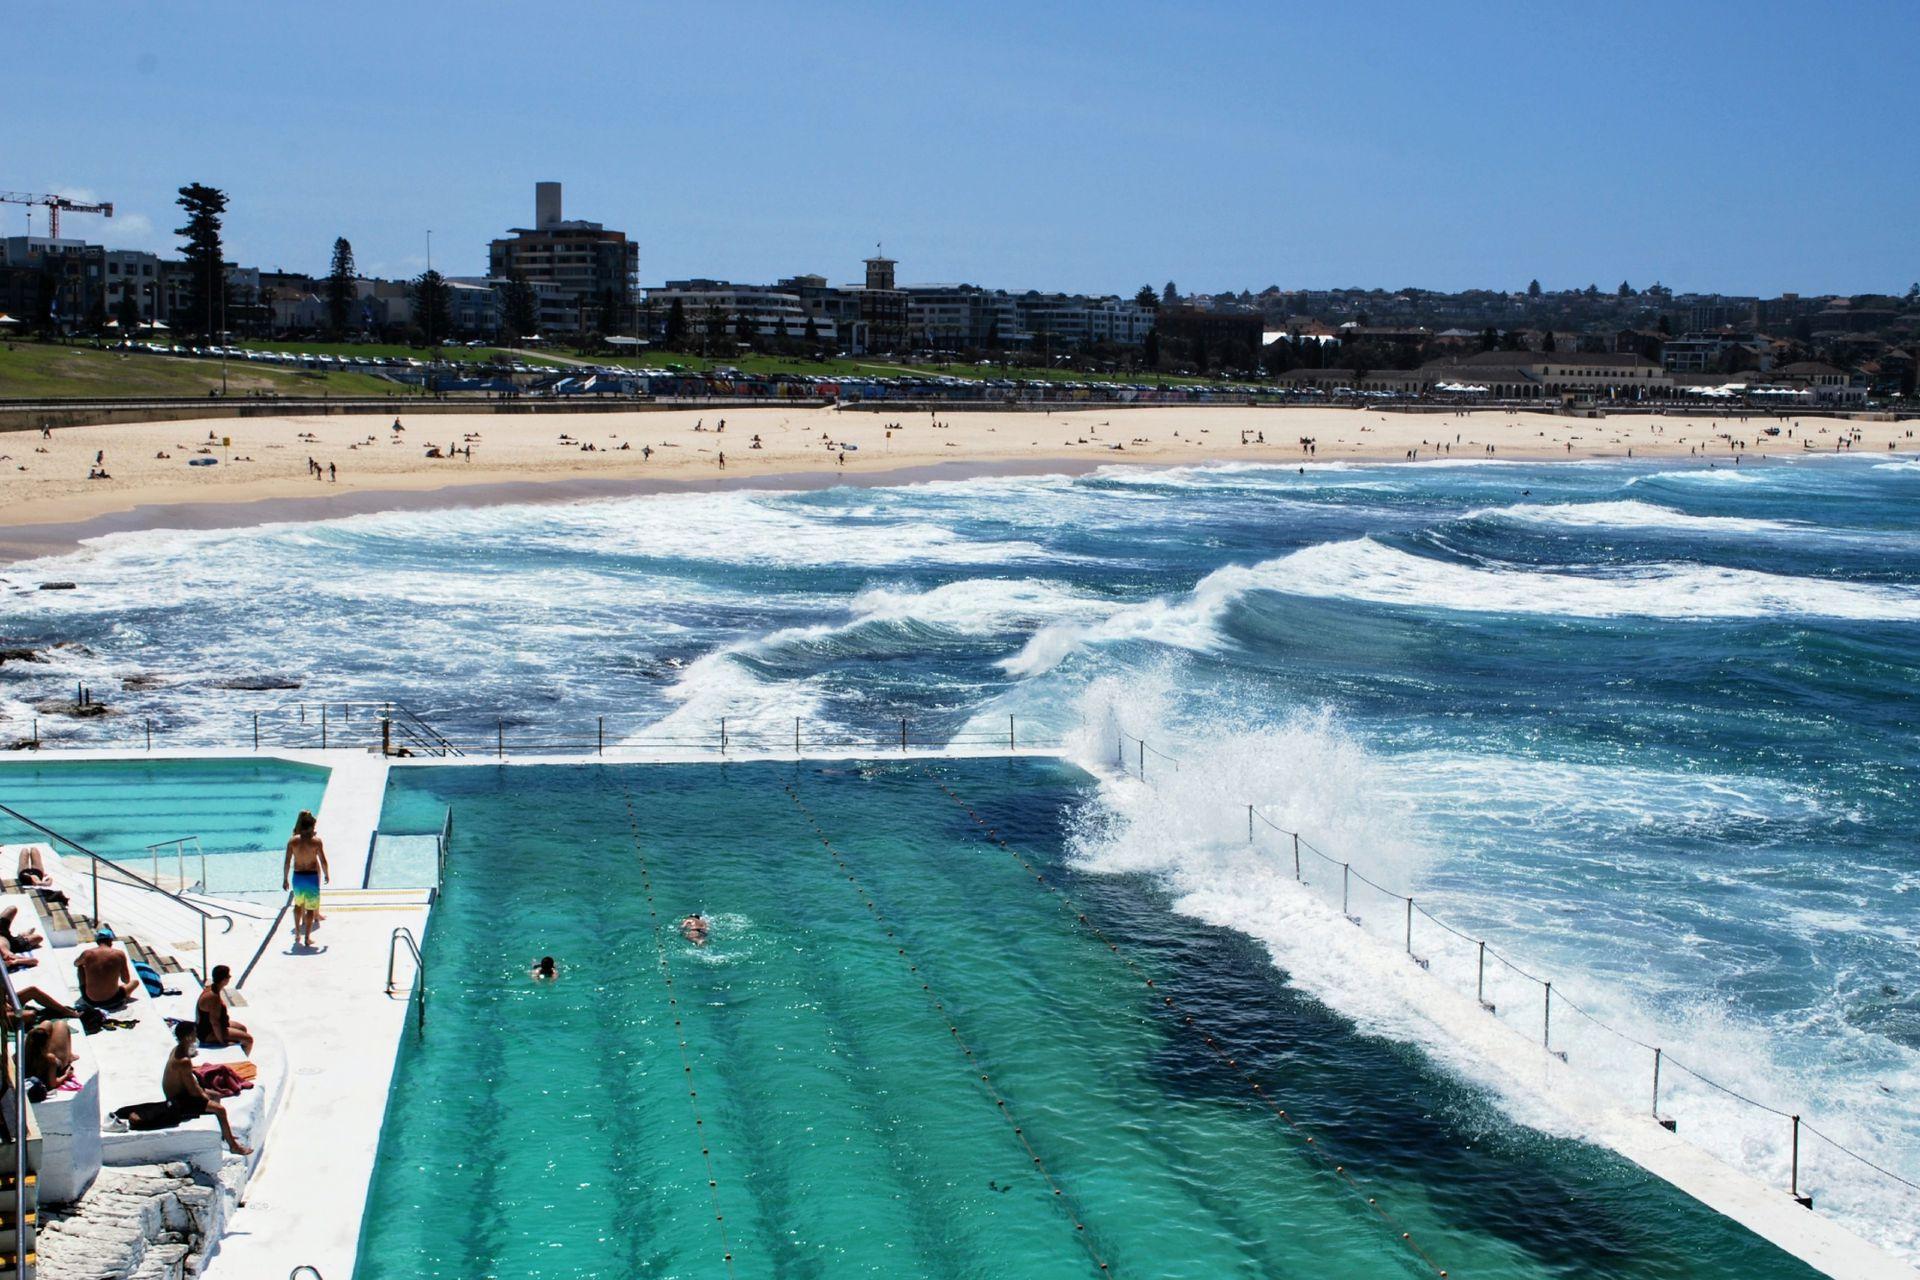 Bondi beach, en Australia, y sus magníficas piscinas.